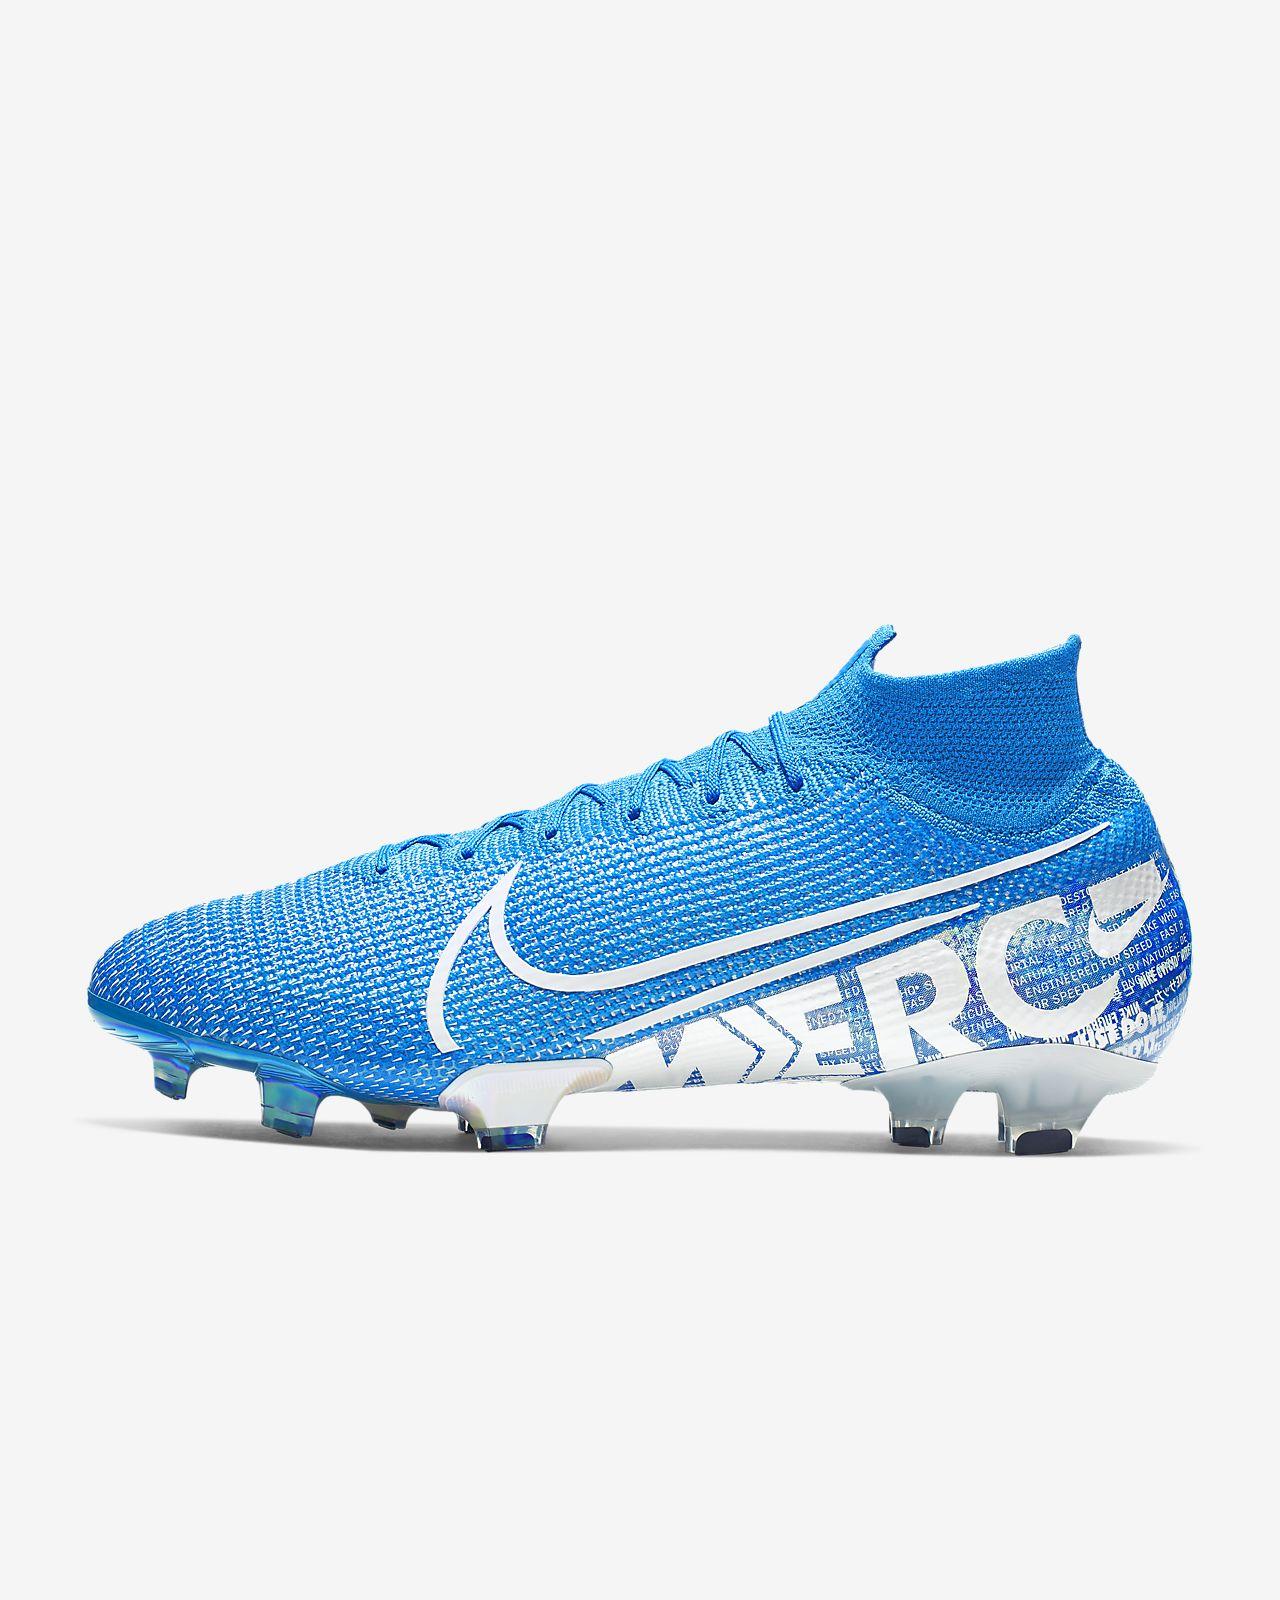 Mercurial Superfly 7 Calzado Firme Nike Fg Fútbol Terreno Elite De Para 8wPnk0O